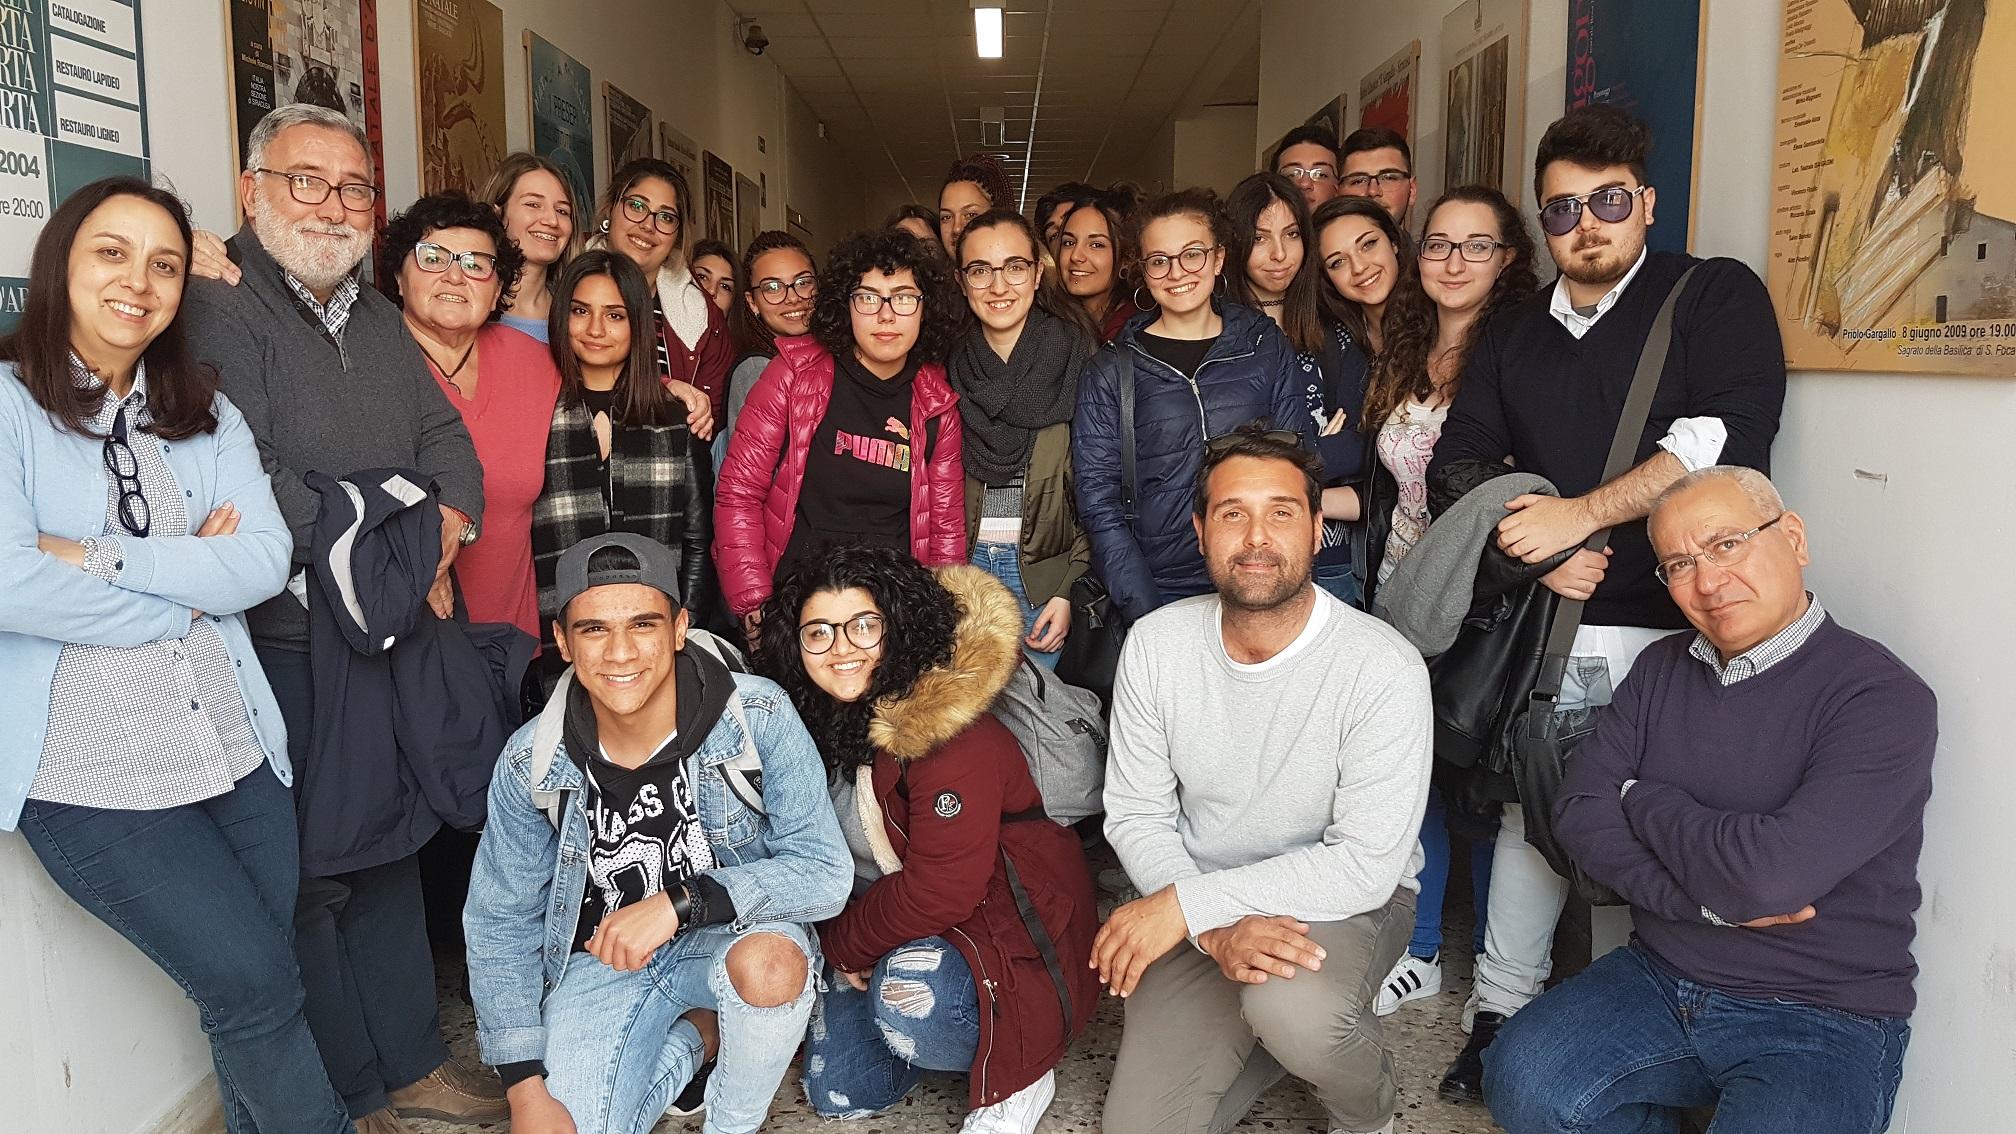 Inda, teatro classico dei Giovani si apre il 6 maggio a Palazzolo